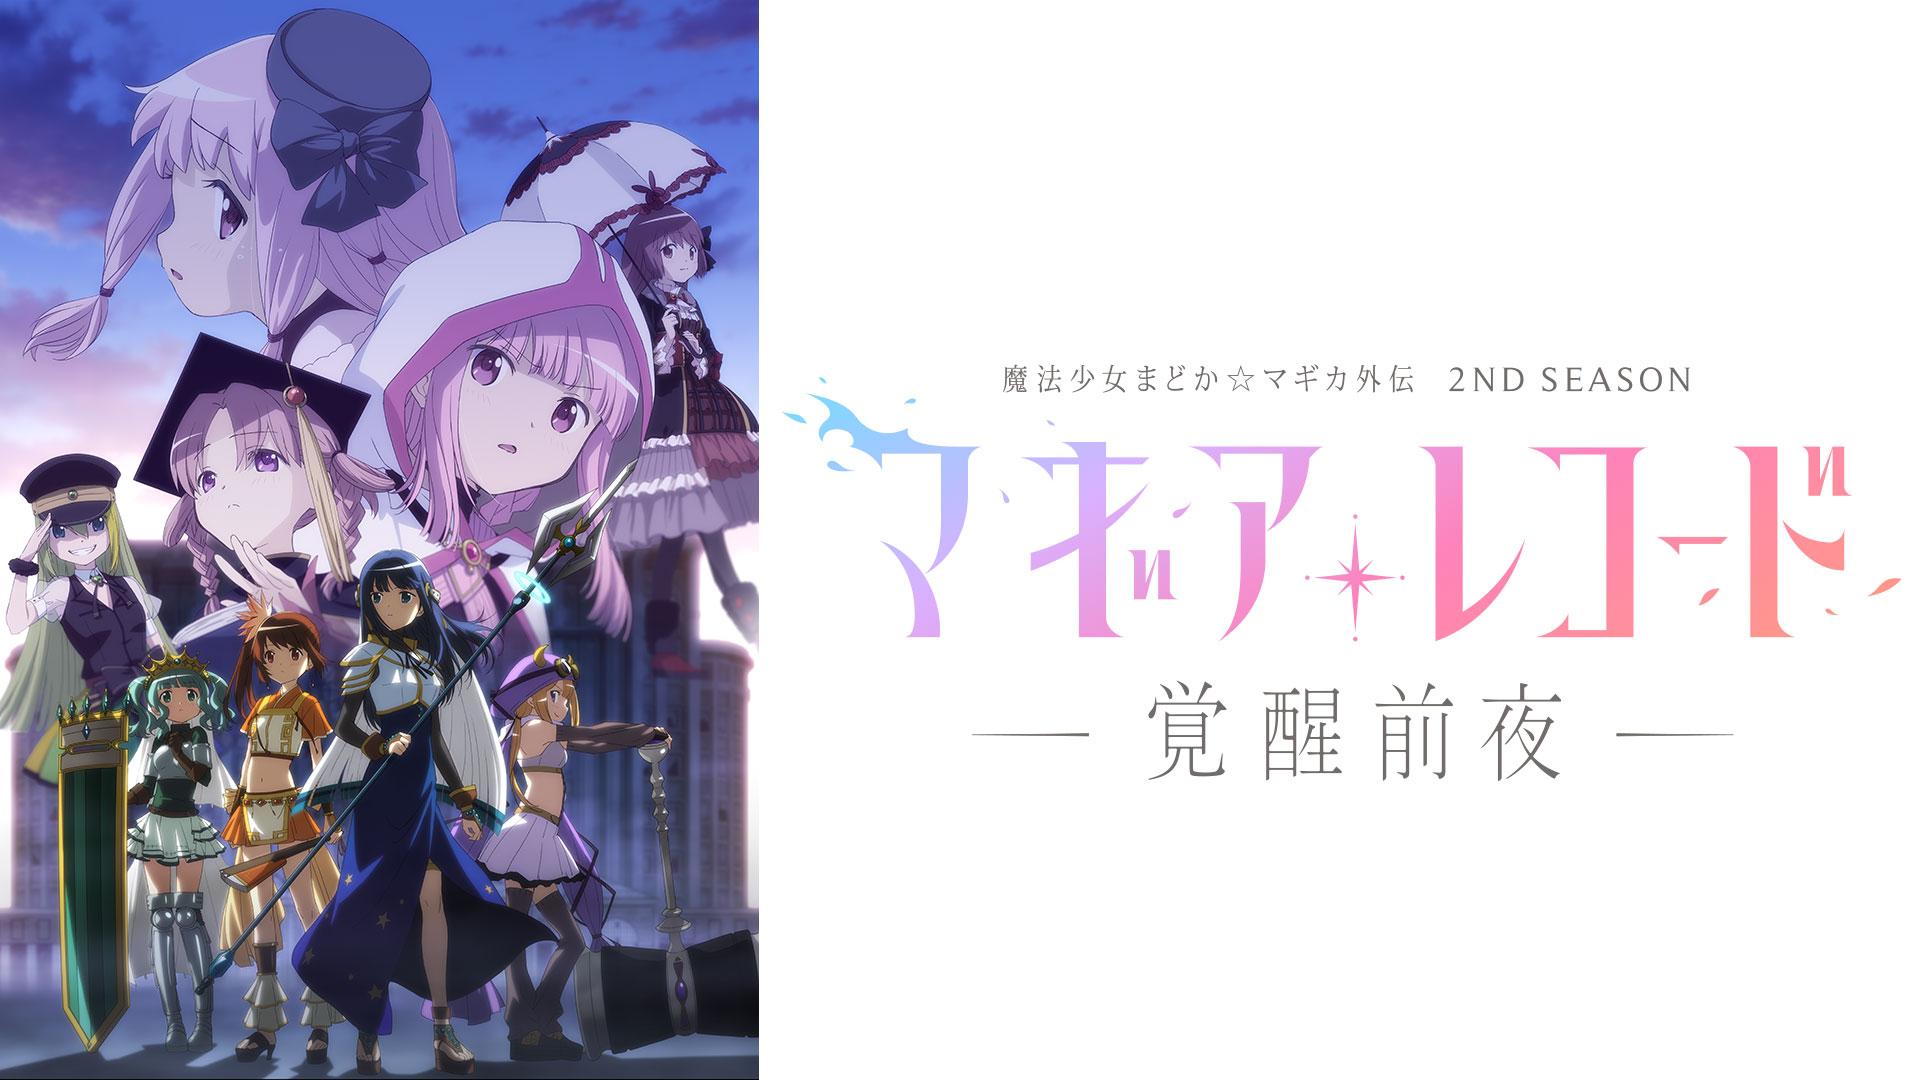 マギアレコード 魔法少女まどか☆マギカ外伝 2nd SEASON<br> -覚醒前夜-